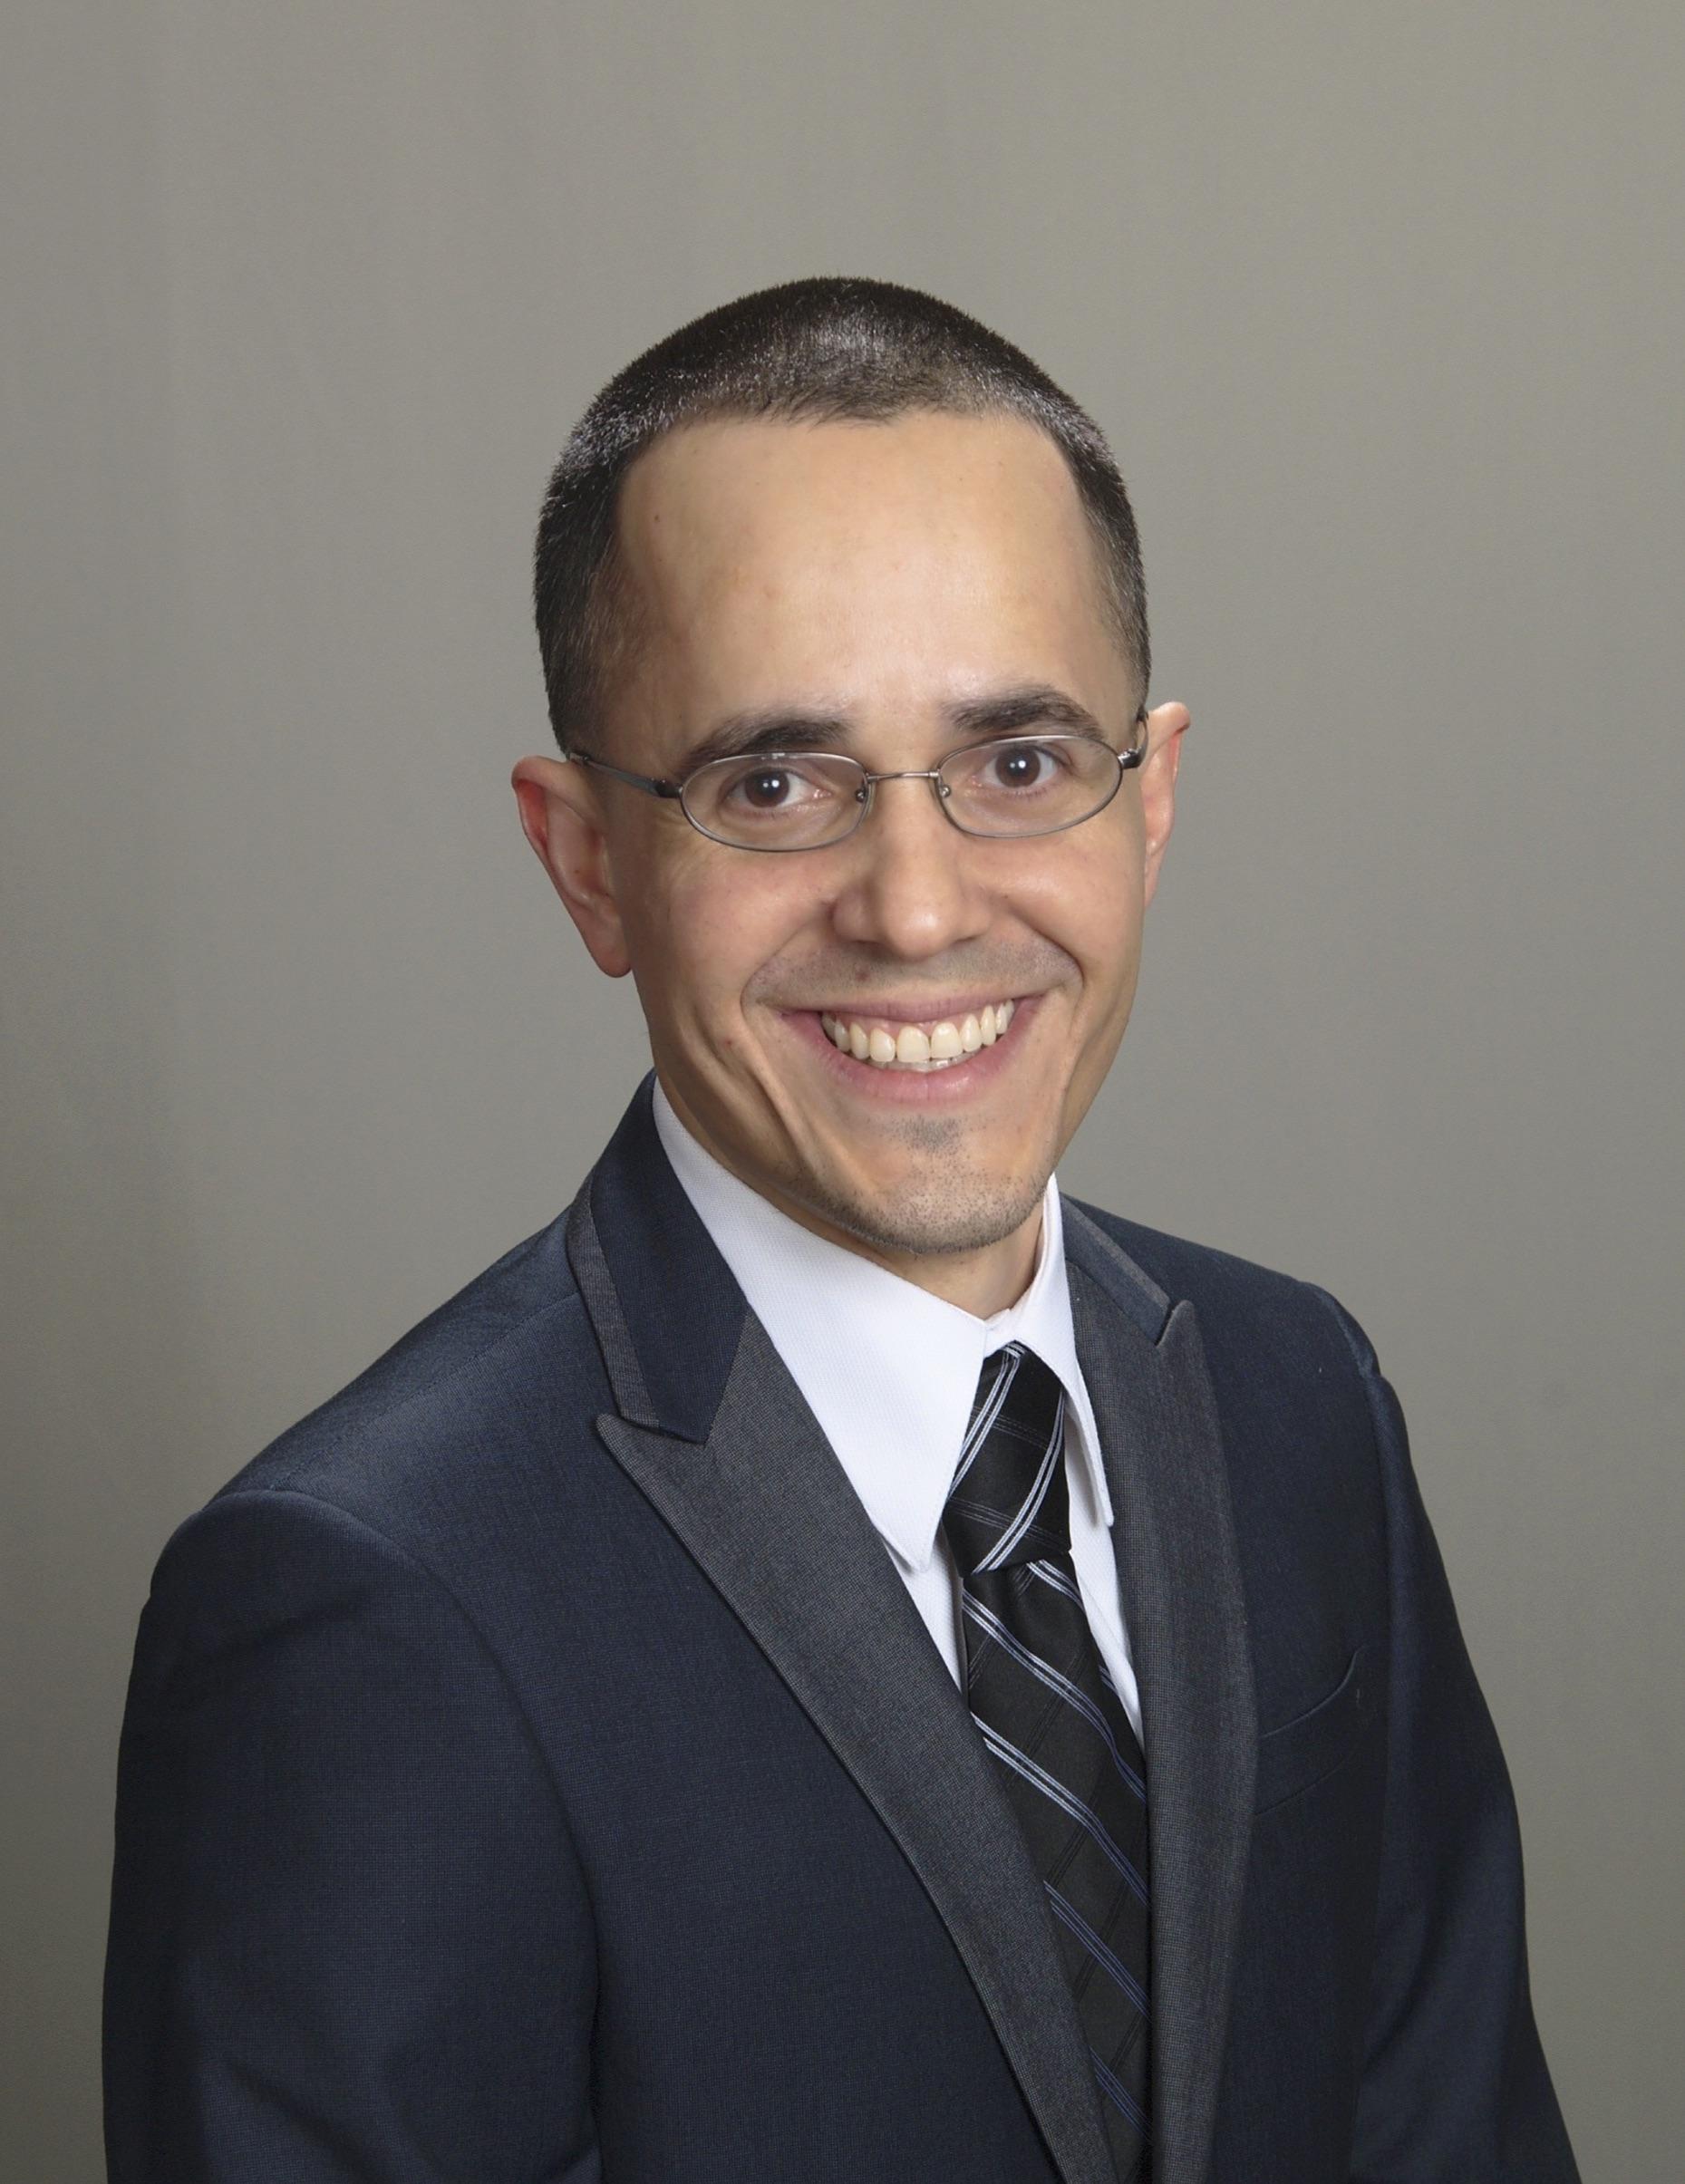 Tomas Rivera Bonilla, MD, FACC. FSCAI. RPVI